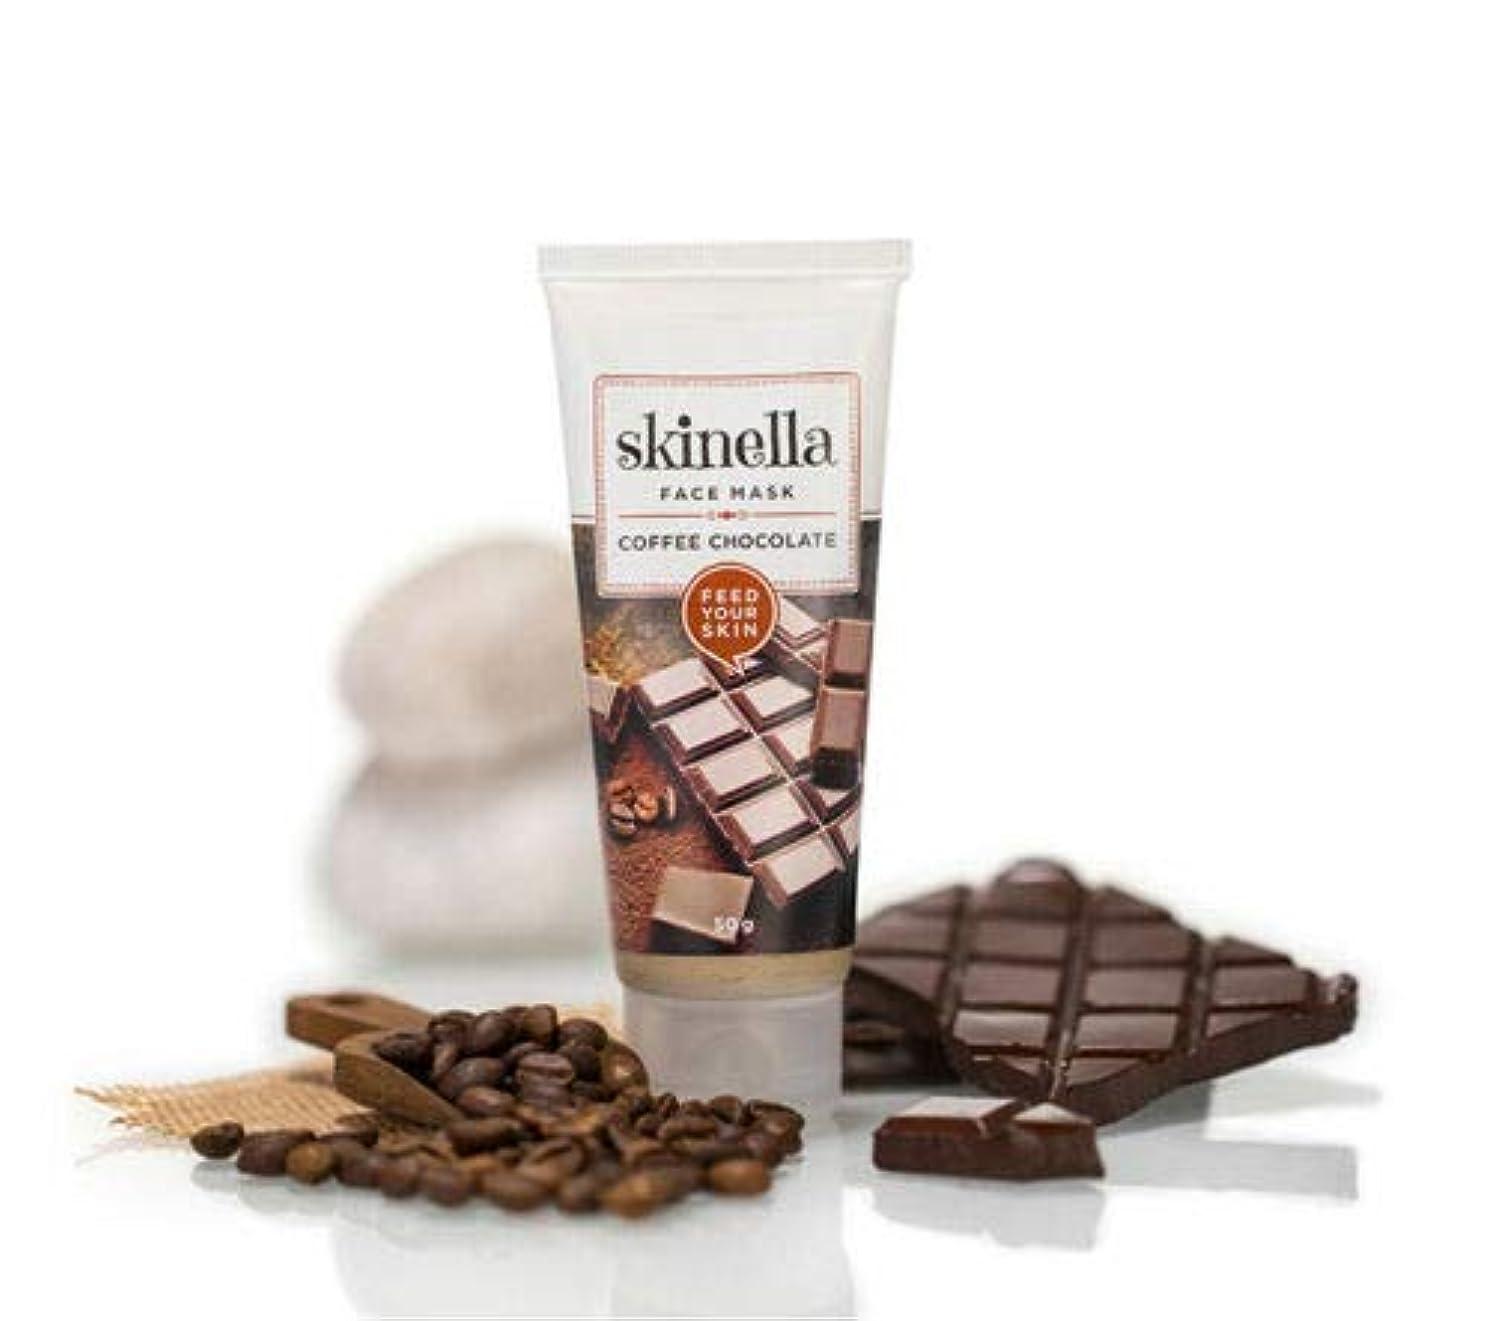 逸脱高齢者再開Skinella Coffee Chocolate Face Mask 50g for a hydrated and rejuvenated look Skinellaコーヒーチョコレートフェイスマスク50g